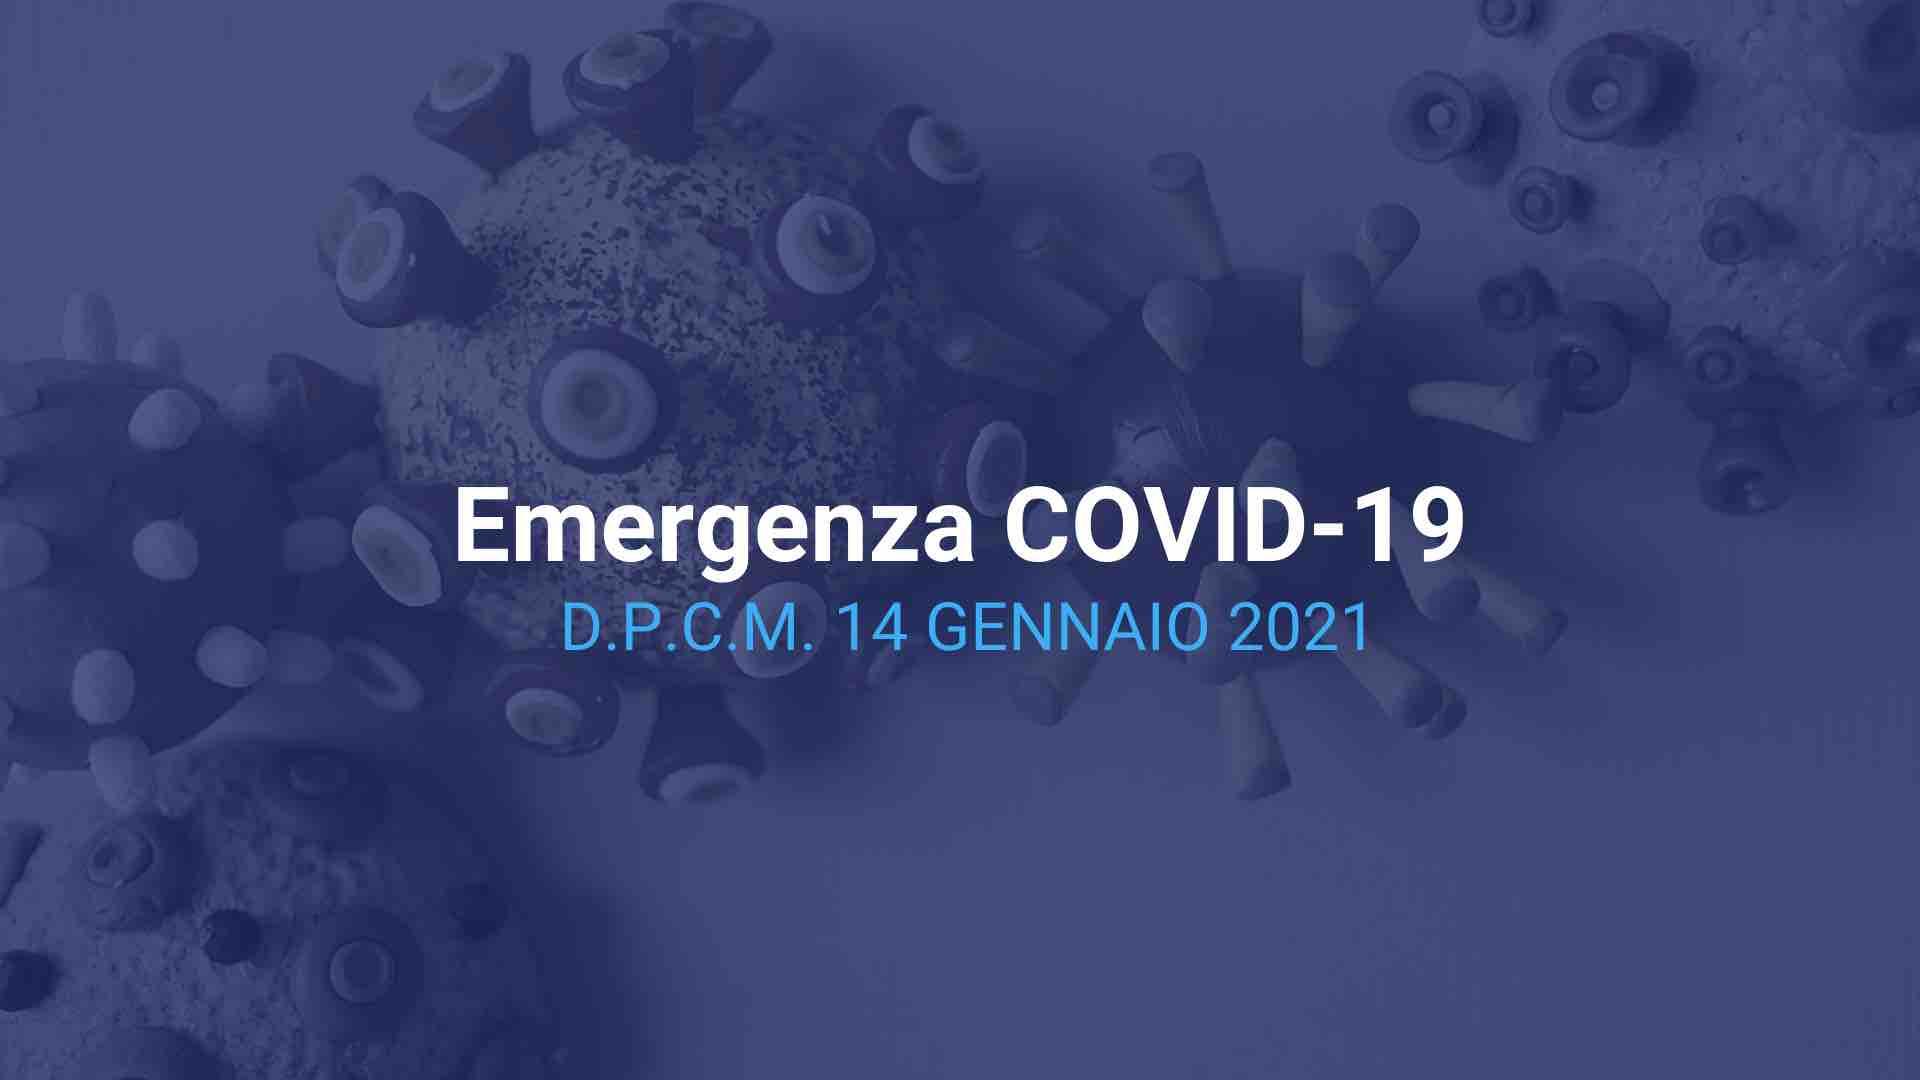 Emergenza COVID 19. D.P.C.M. 14 gennaio 2021.